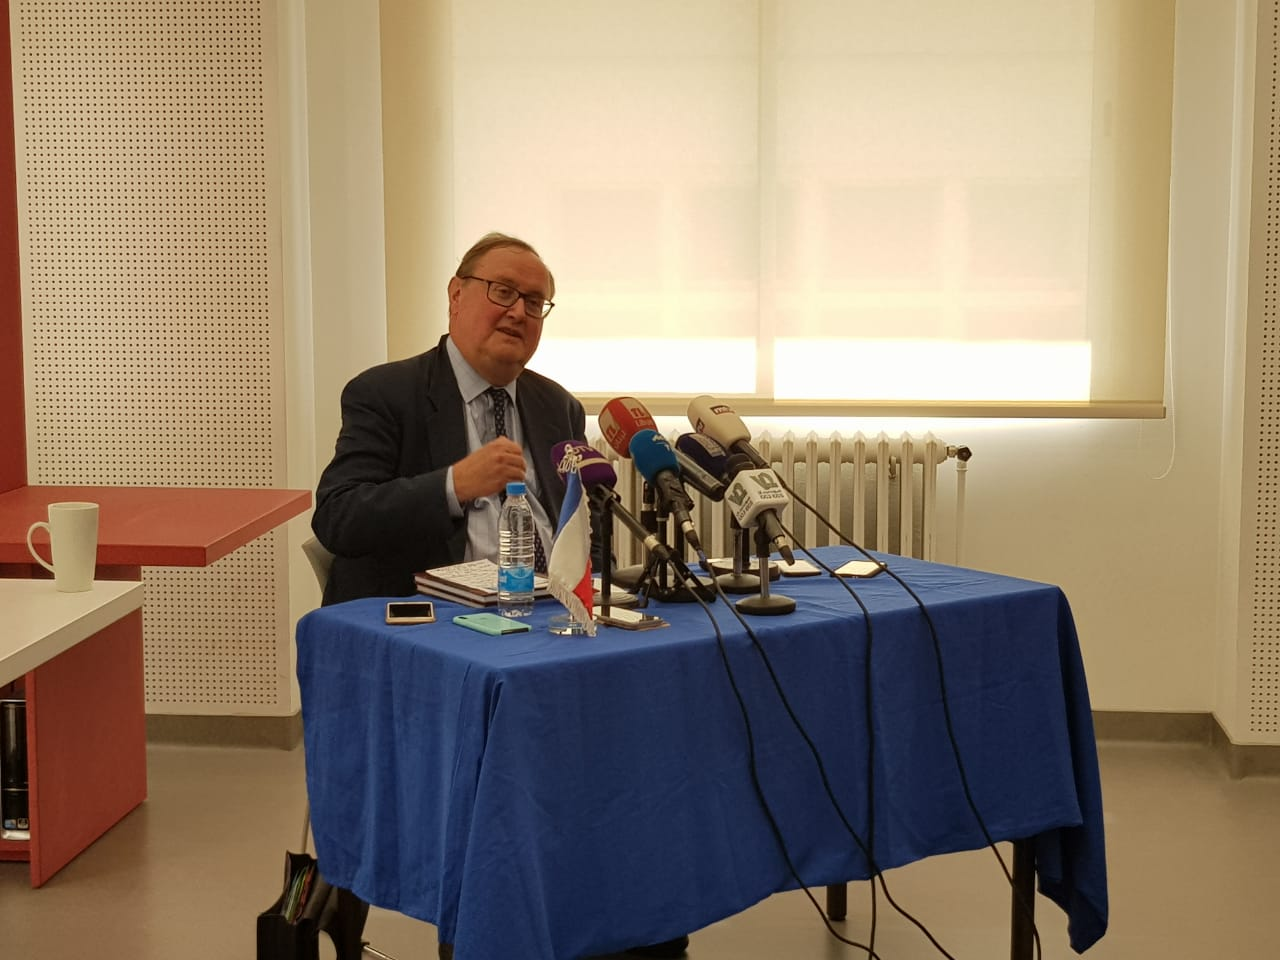 السفير بيار دوكان: لا معجزة للوضع الإقتصادي اللبناني إلا بالإصلاحات وضبط الإنفاق